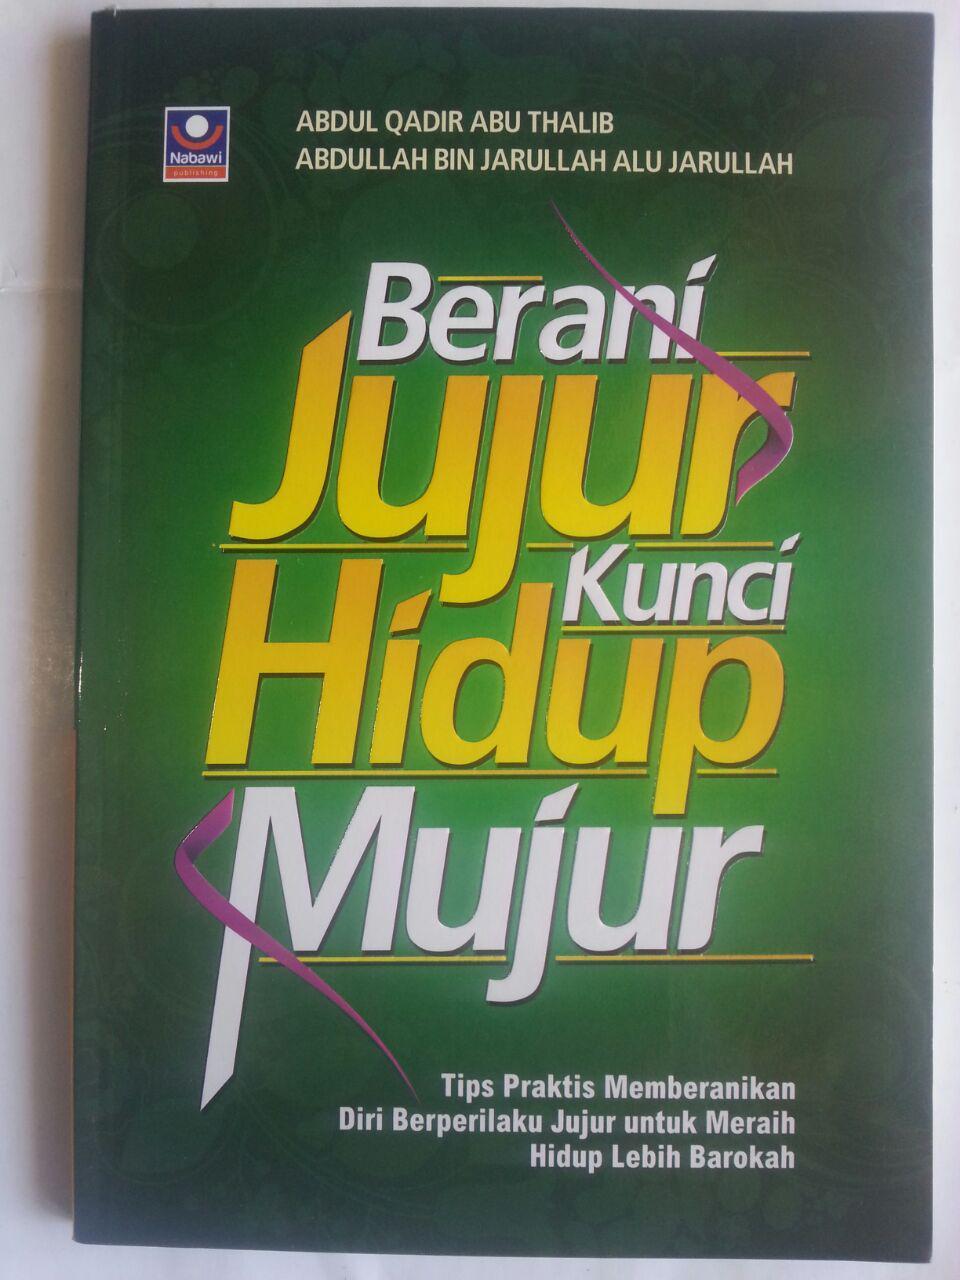 Buku Berani Jujur Kunci Hidup Mujur Tips Praktis cover 2